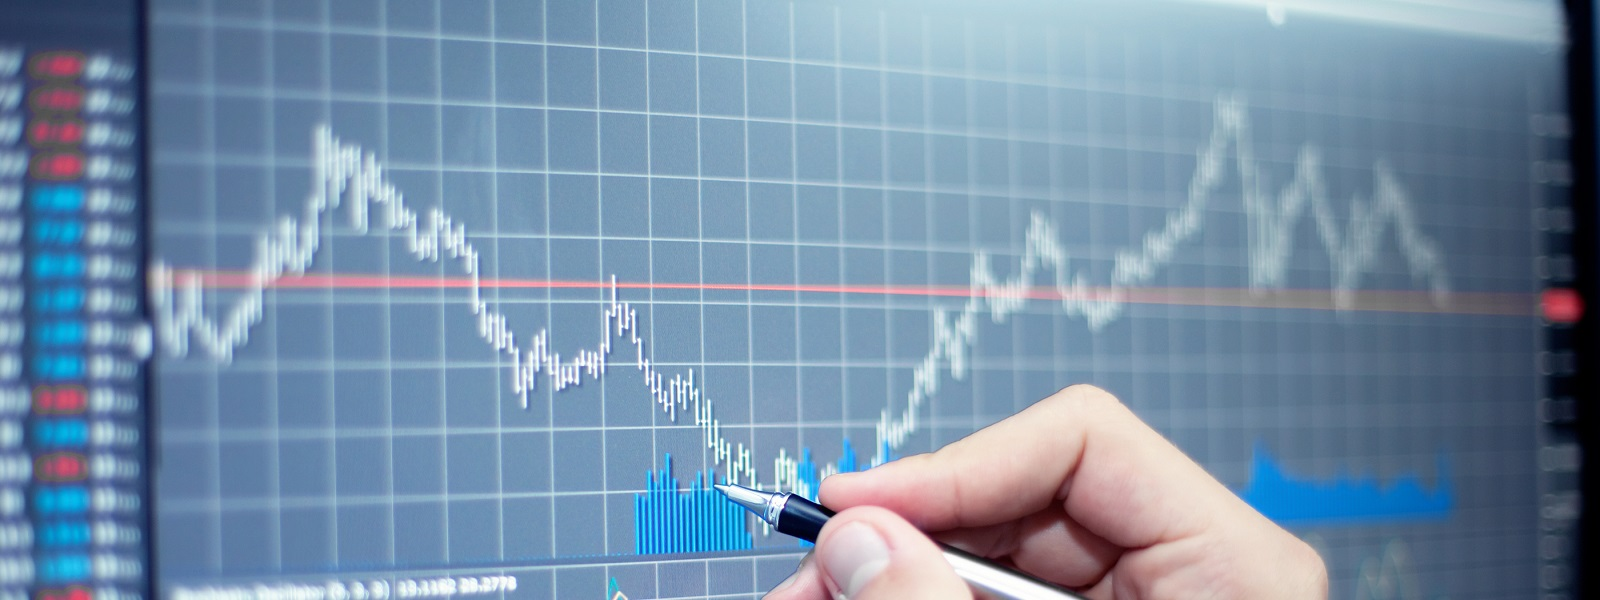 Опционы И Их Риски